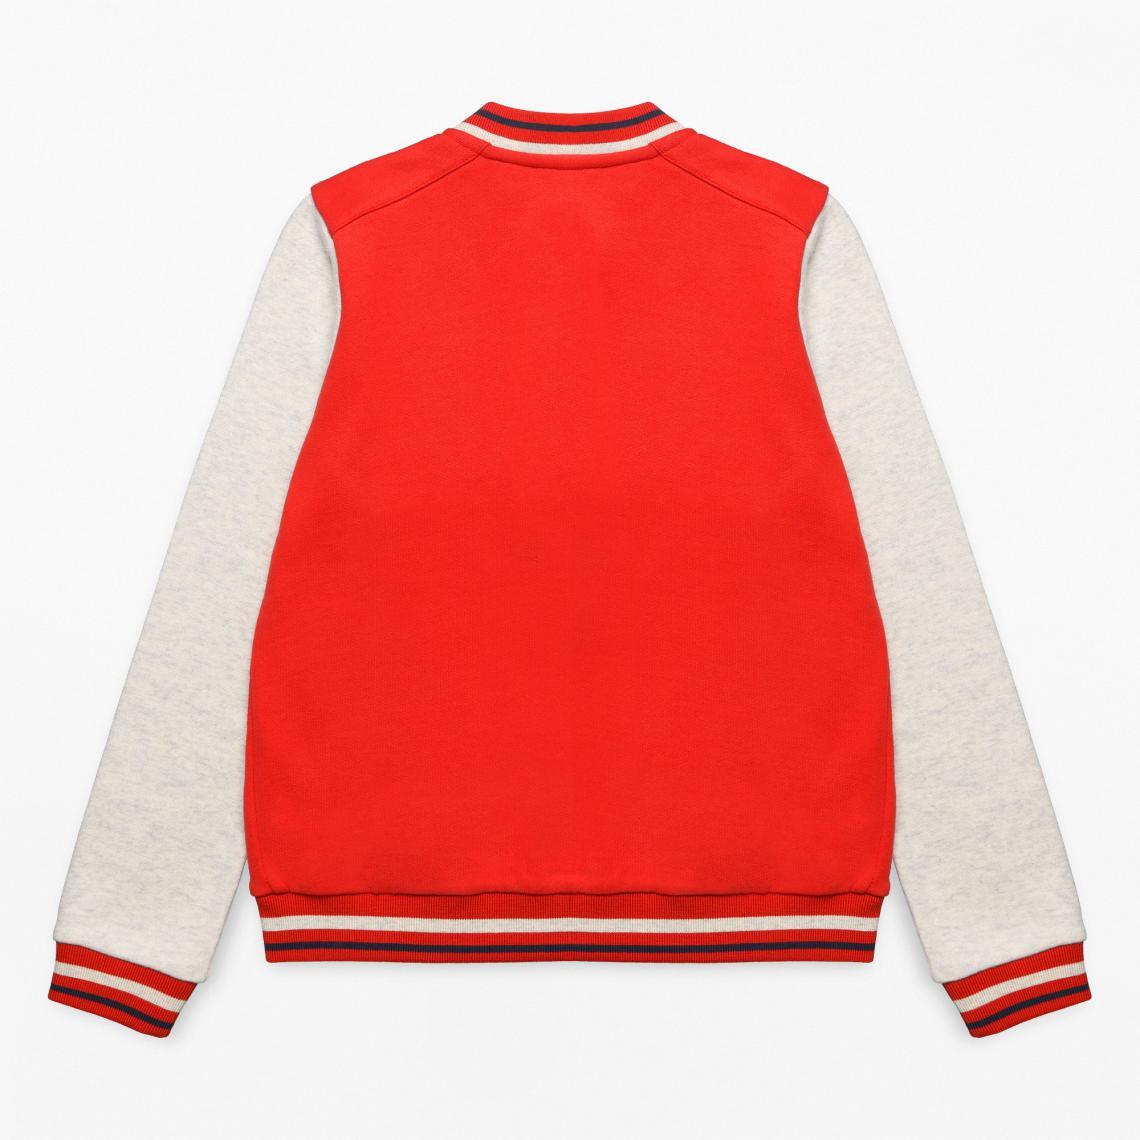 aspect esthétique moins cher Couleurs variées Sweat zippé fille Esprit - Rouge | 3 SUISSES